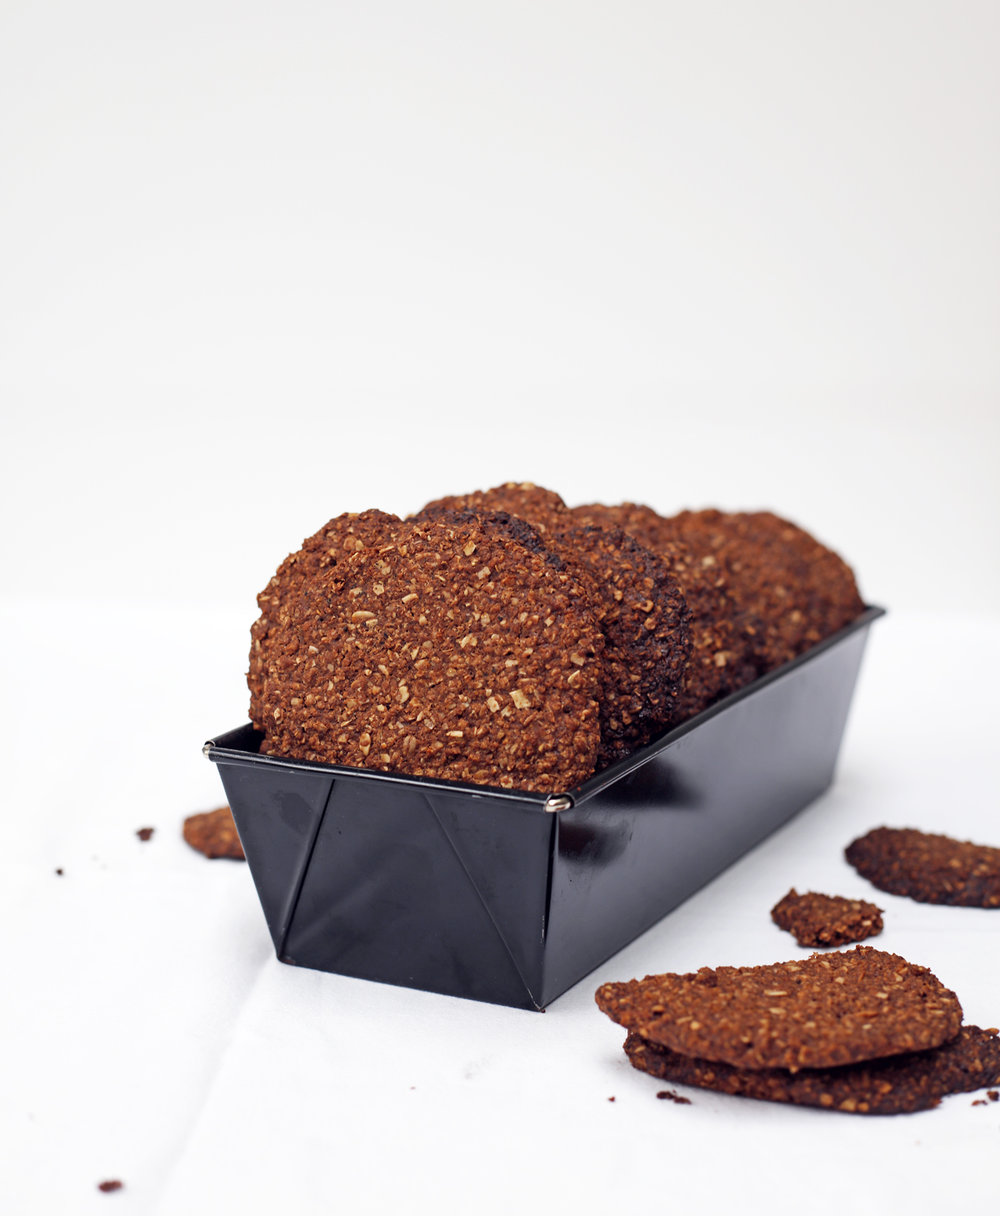 choco oat cookies.jpg